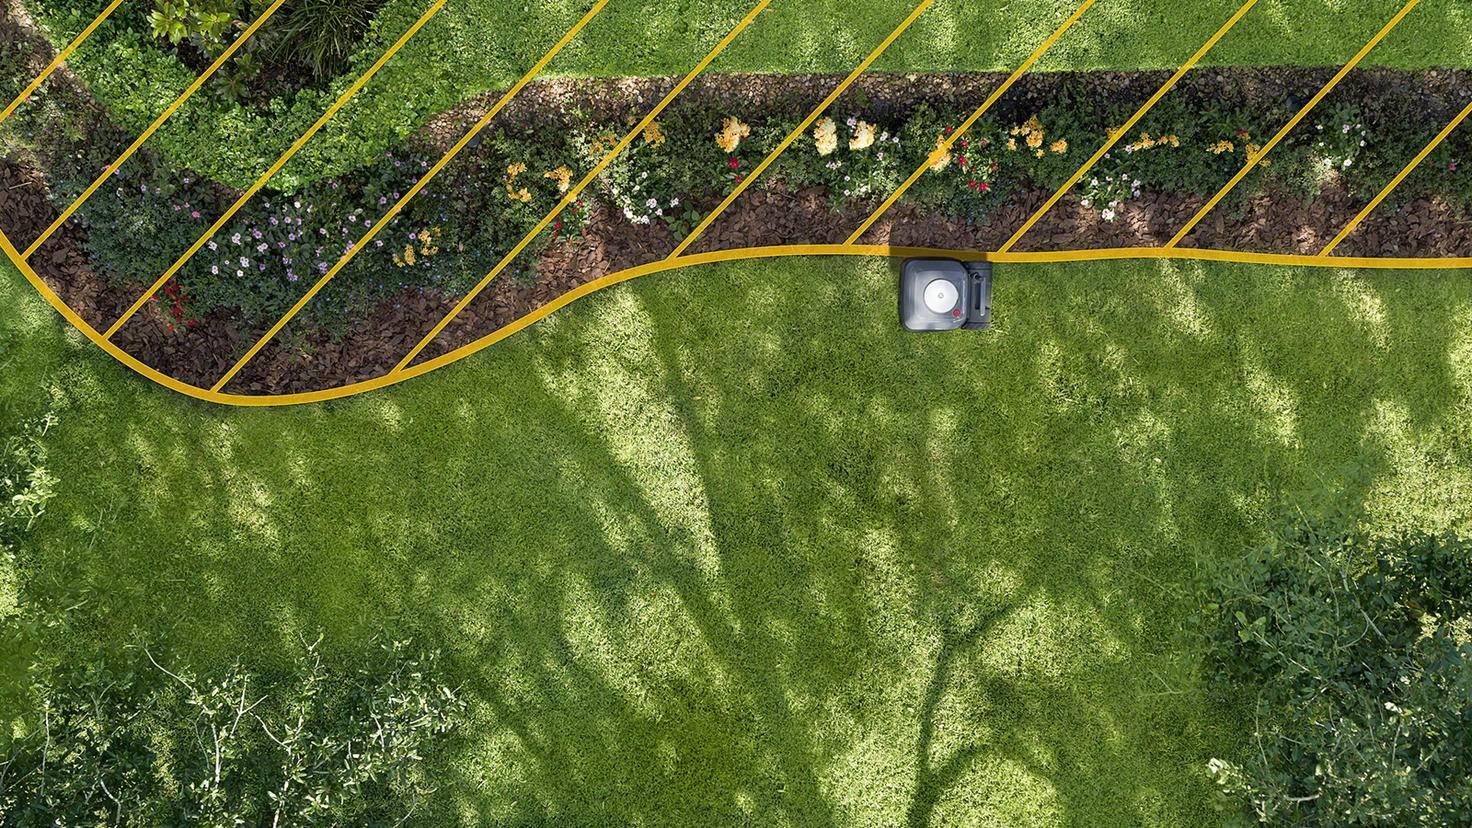 Die frei stehenden Sende-Elemente signalisieren dem Terra genau, wo er mähen soll – und wo nicht.